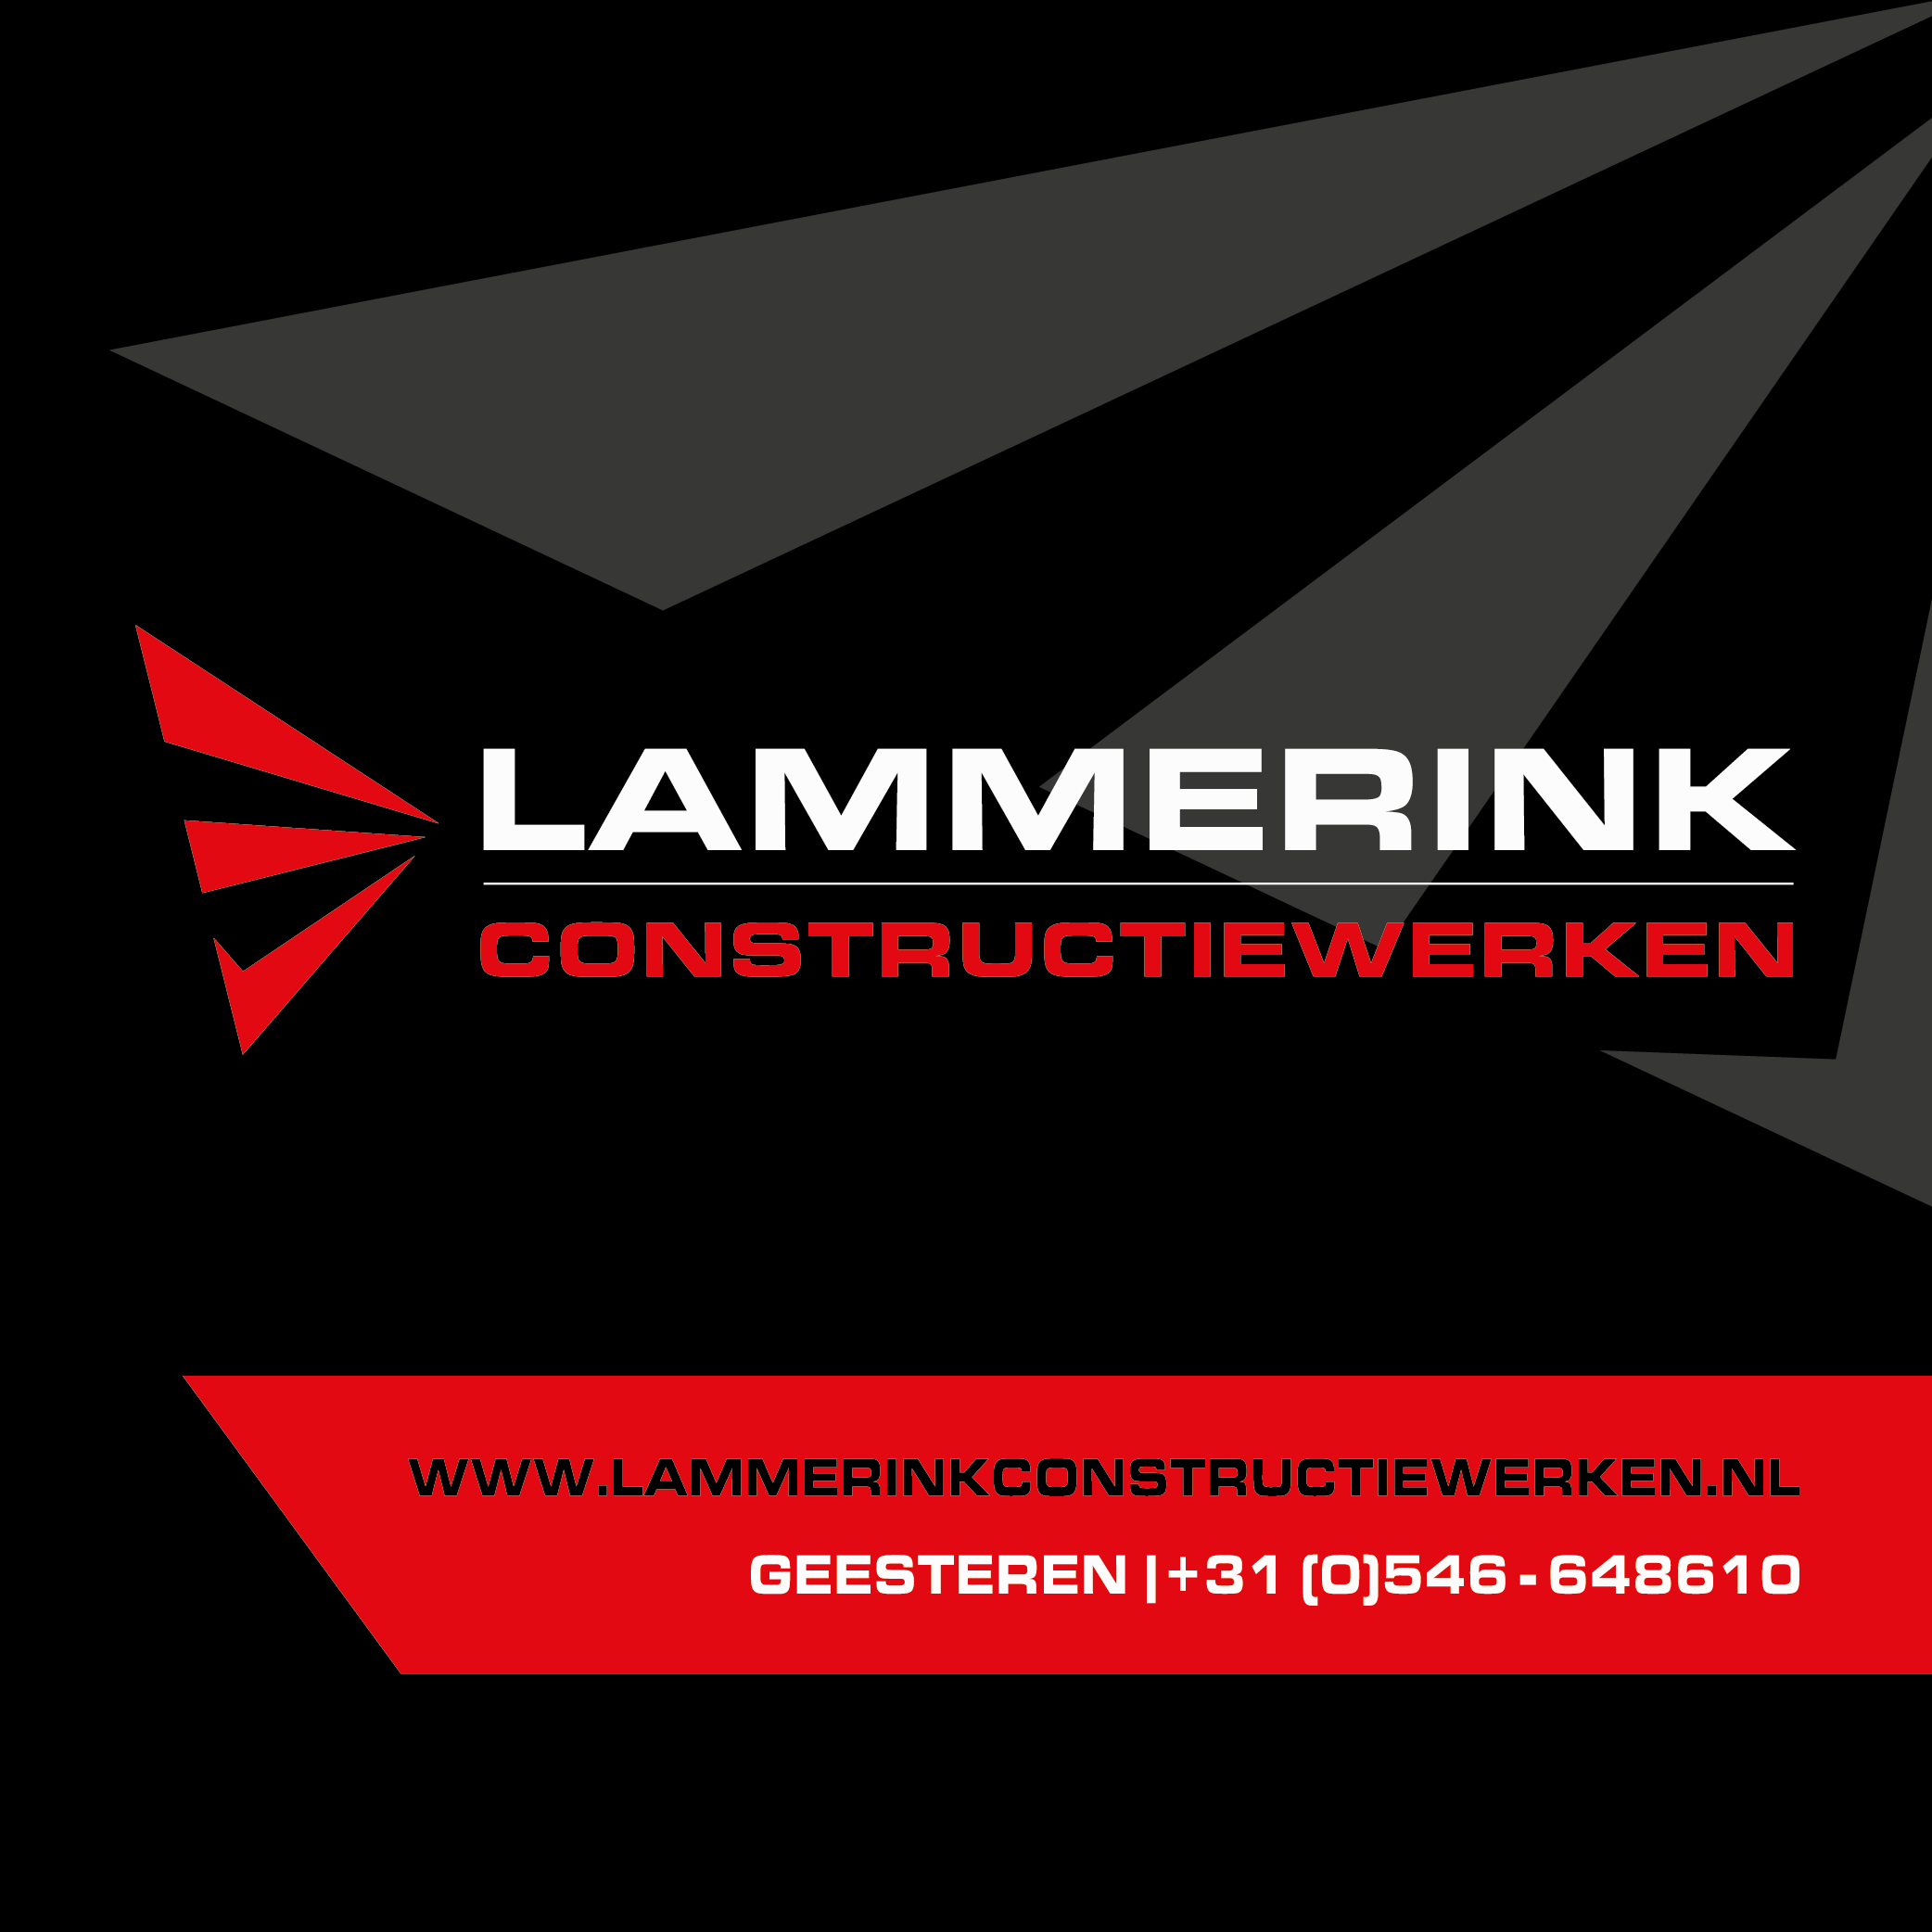 Lammerink